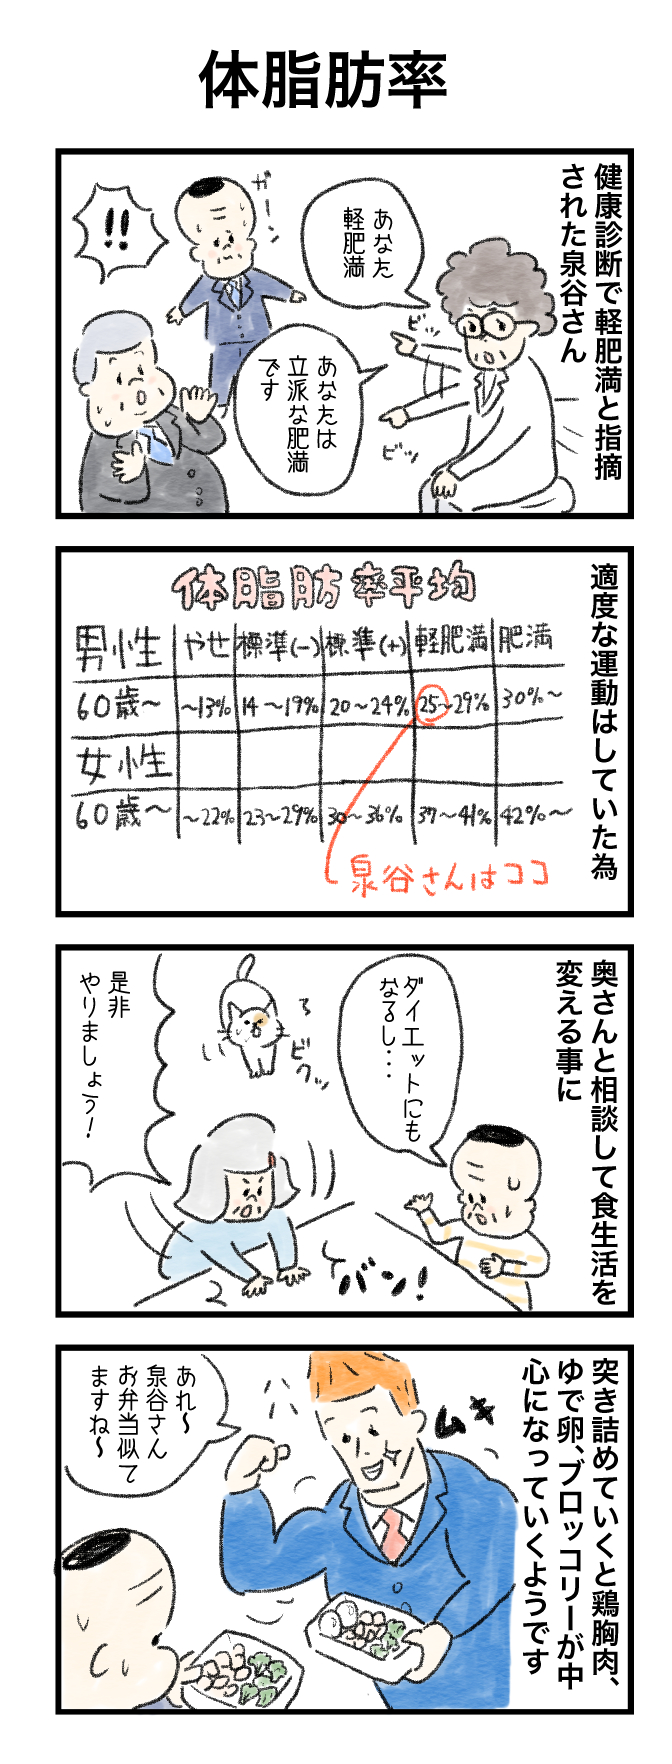 今日の泉谷さん【33】 作:カワサキヒロシ(ごとお日漫画)